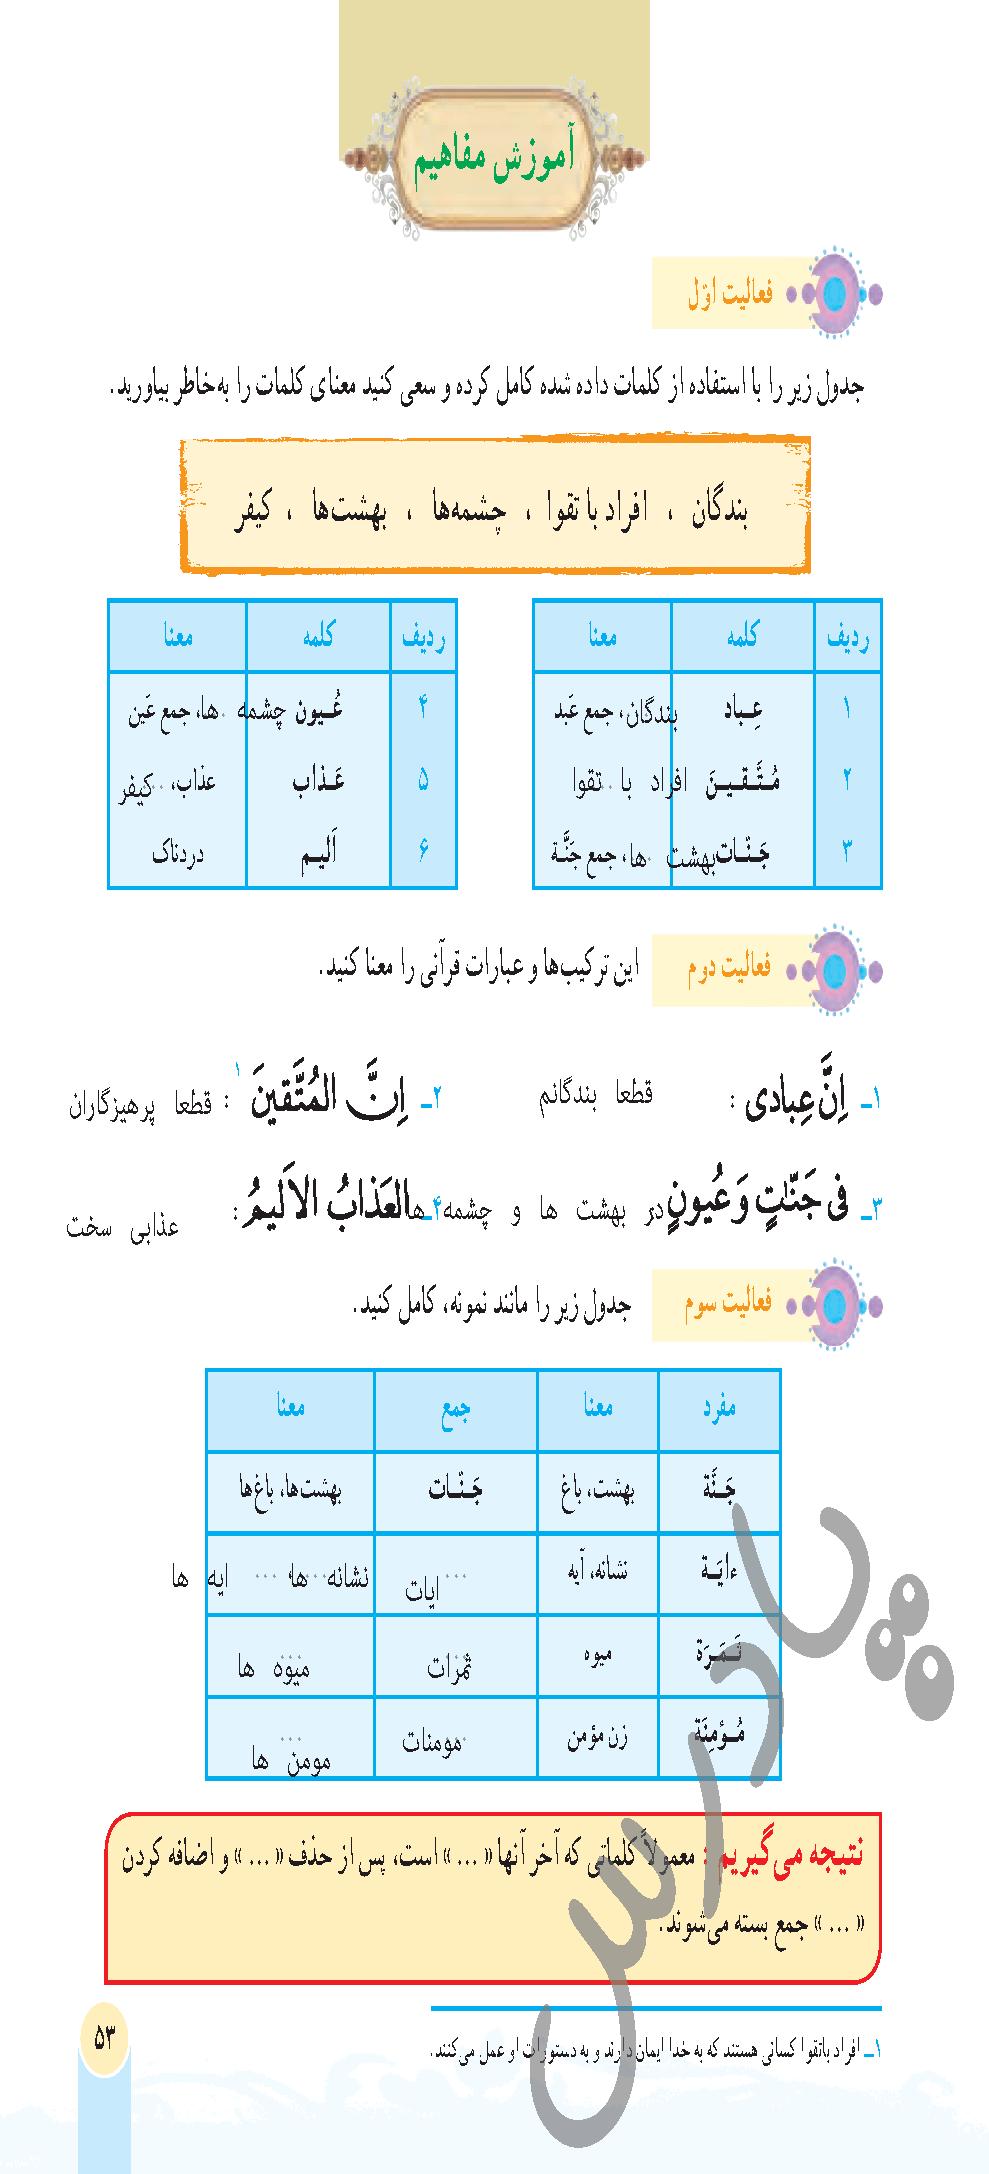 پاسخ فعالیت درس 5 قرآن هفتم - جلسه دوم